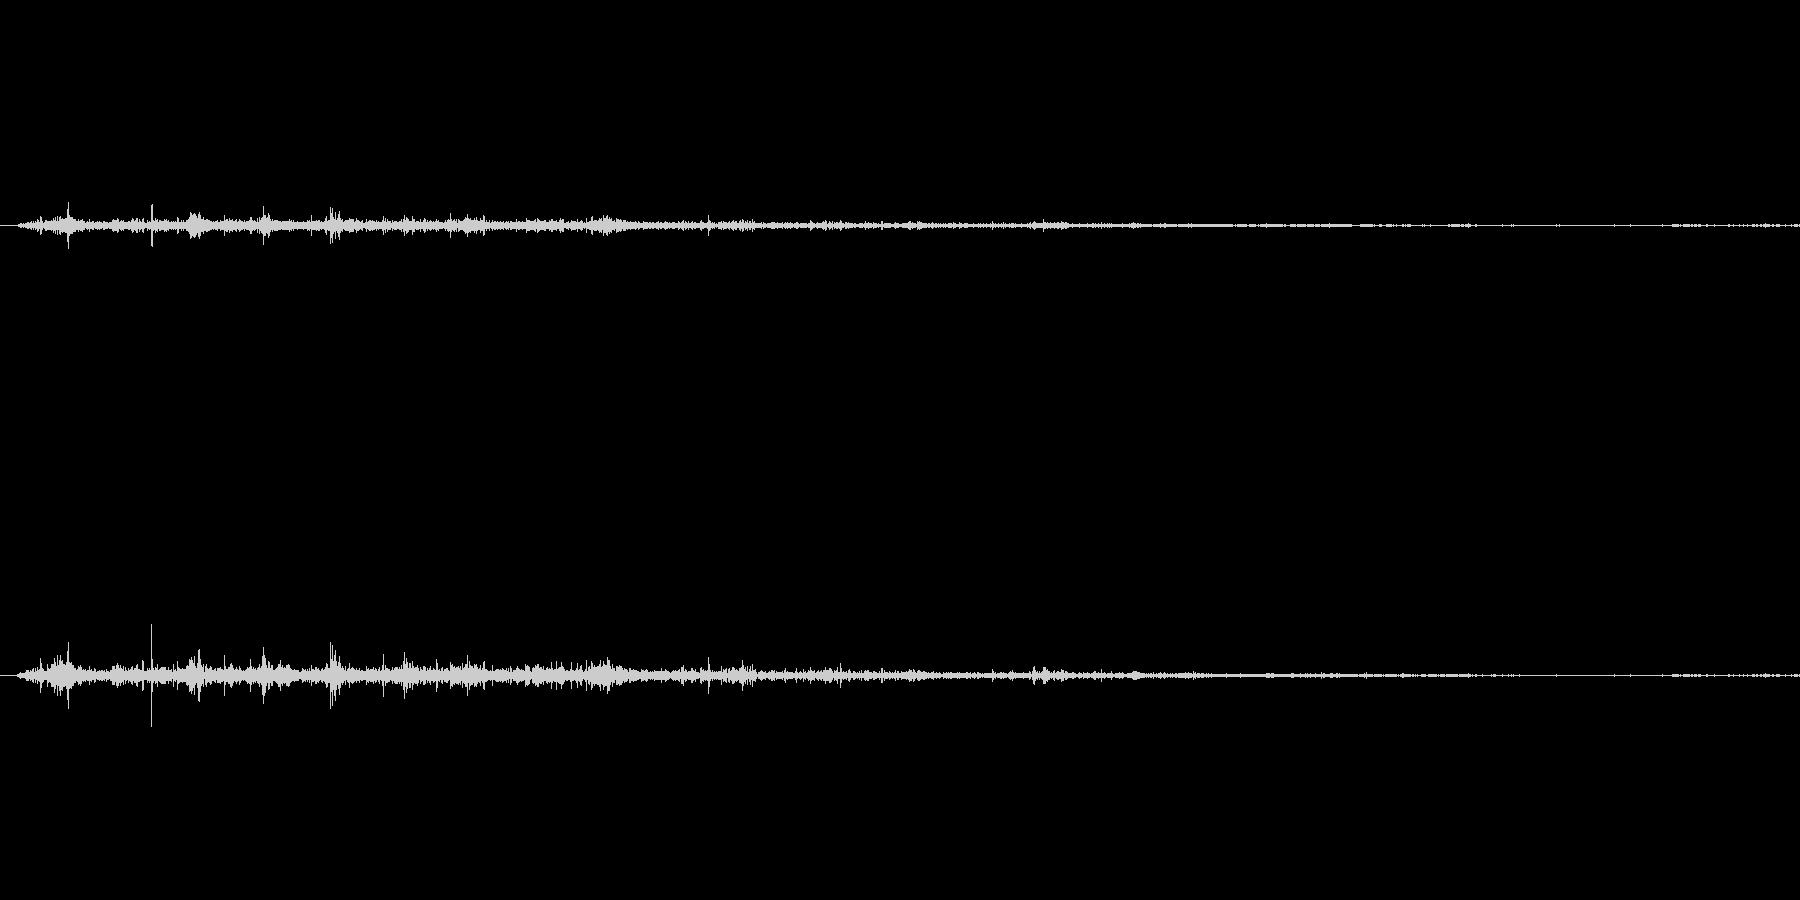 コウモリ達の羽ばたき音1の未再生の波形